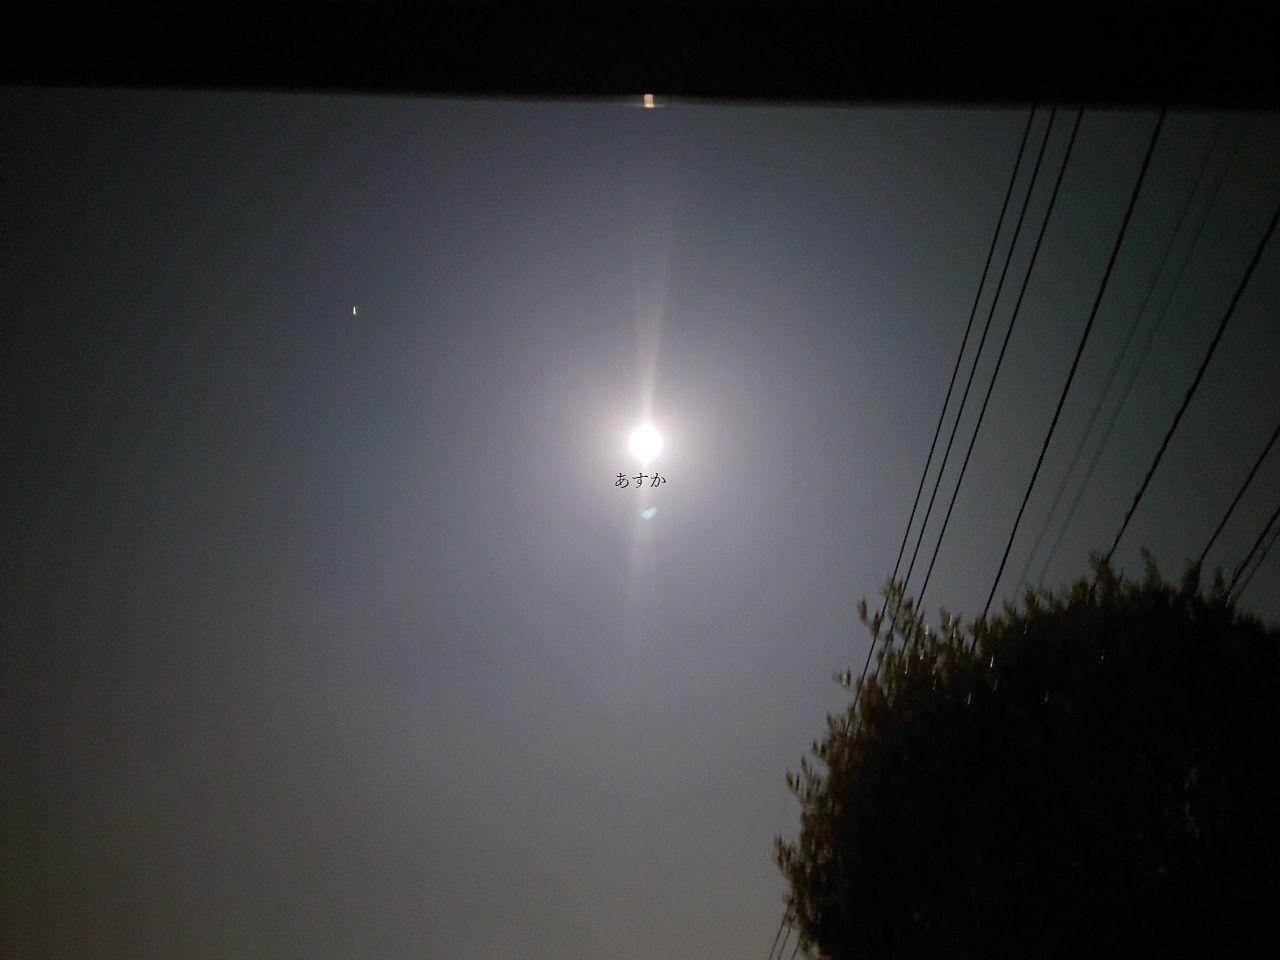 10月1日 空に輝く中秋の名月